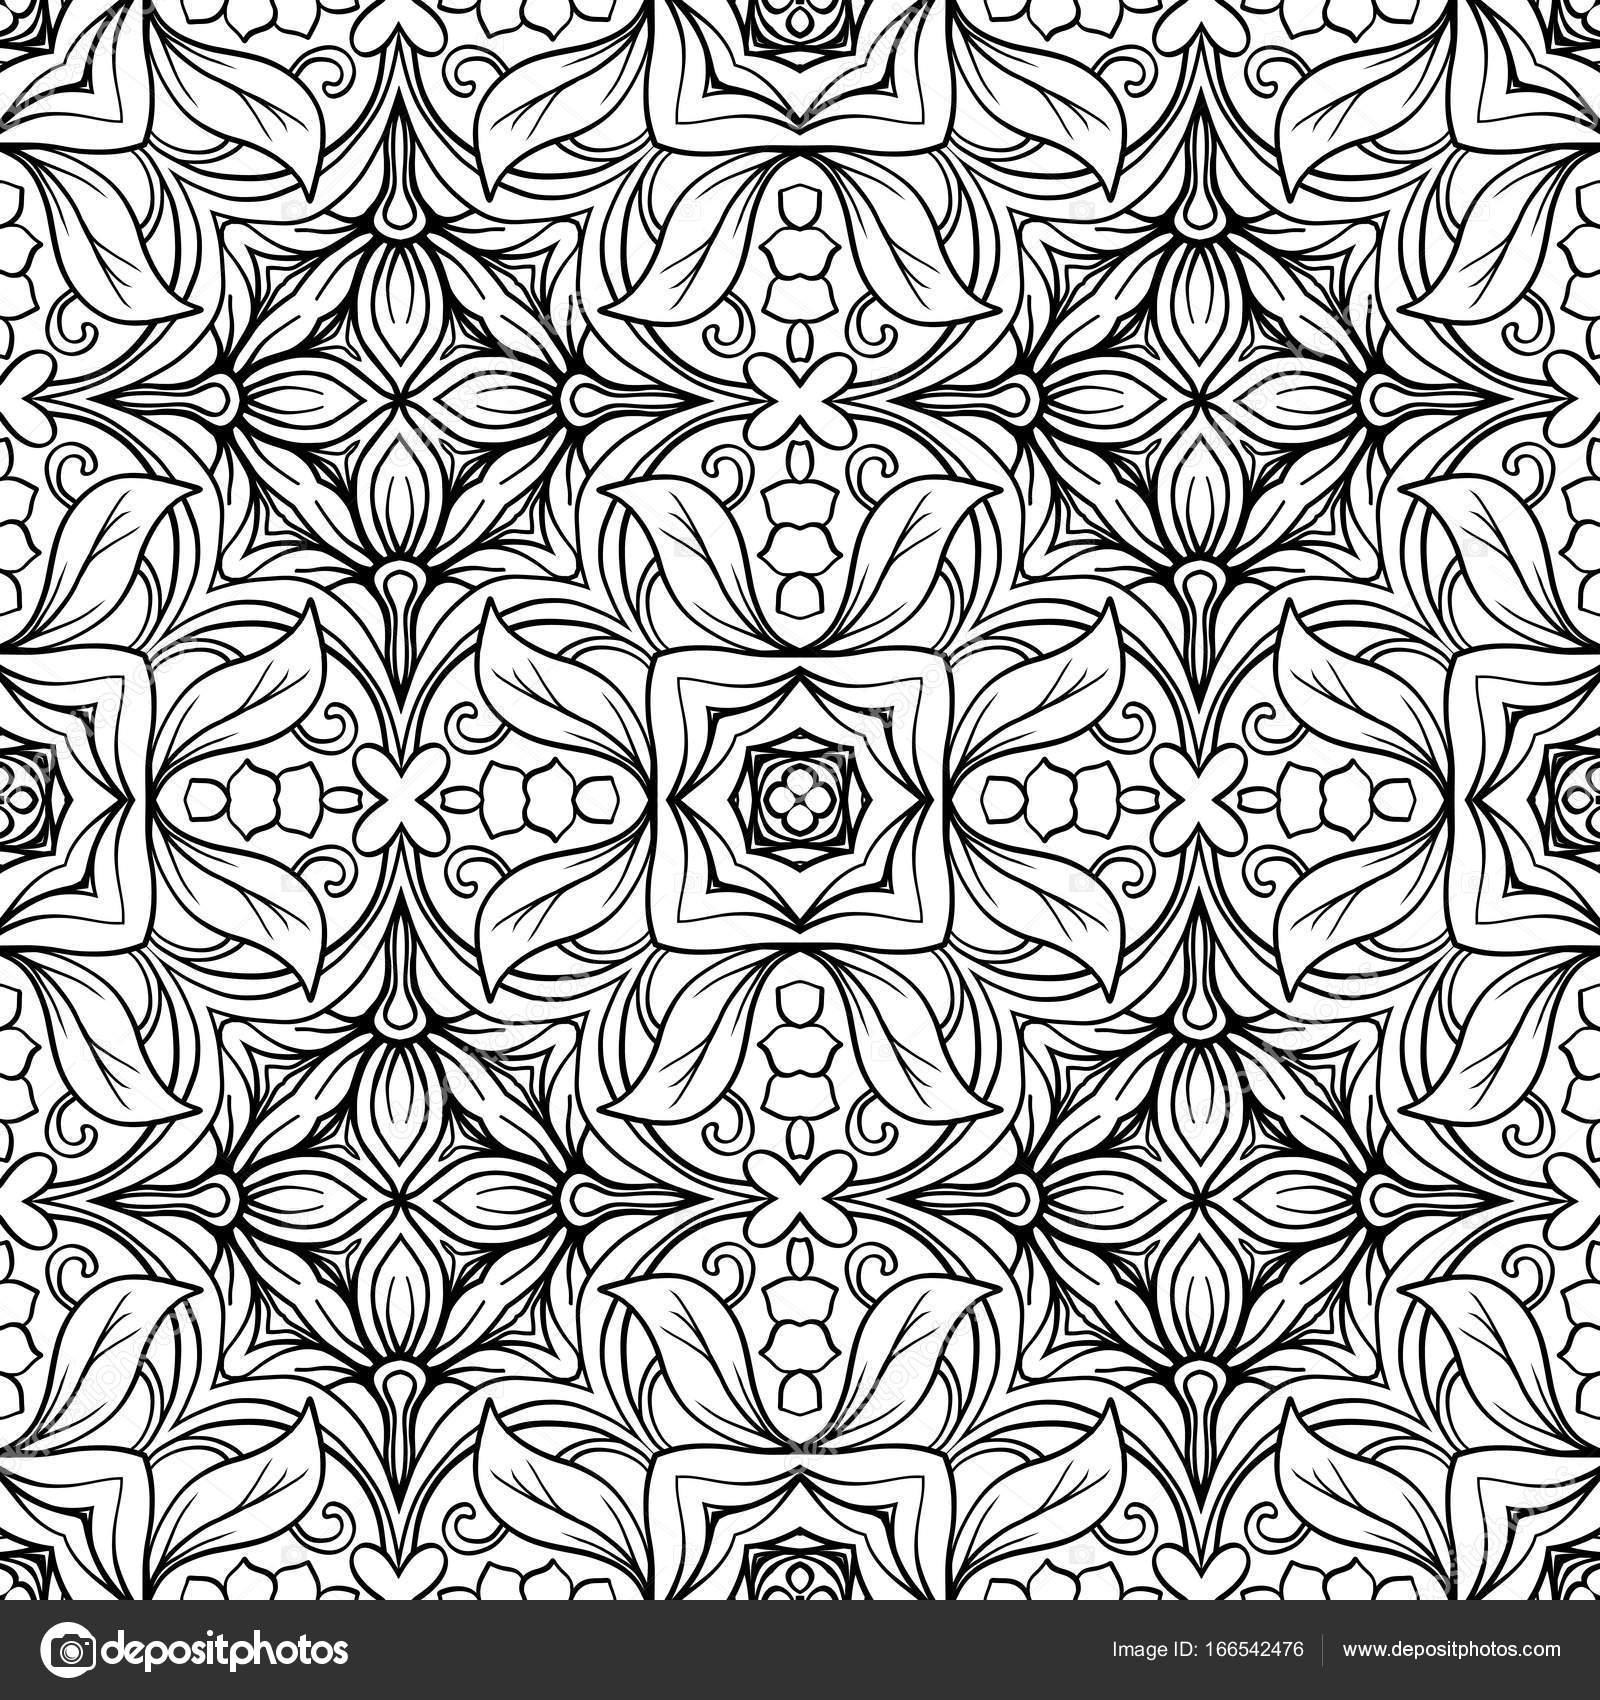 Beste Malvorlagen Für Geometrische Muster Galerie - Beispiel ...